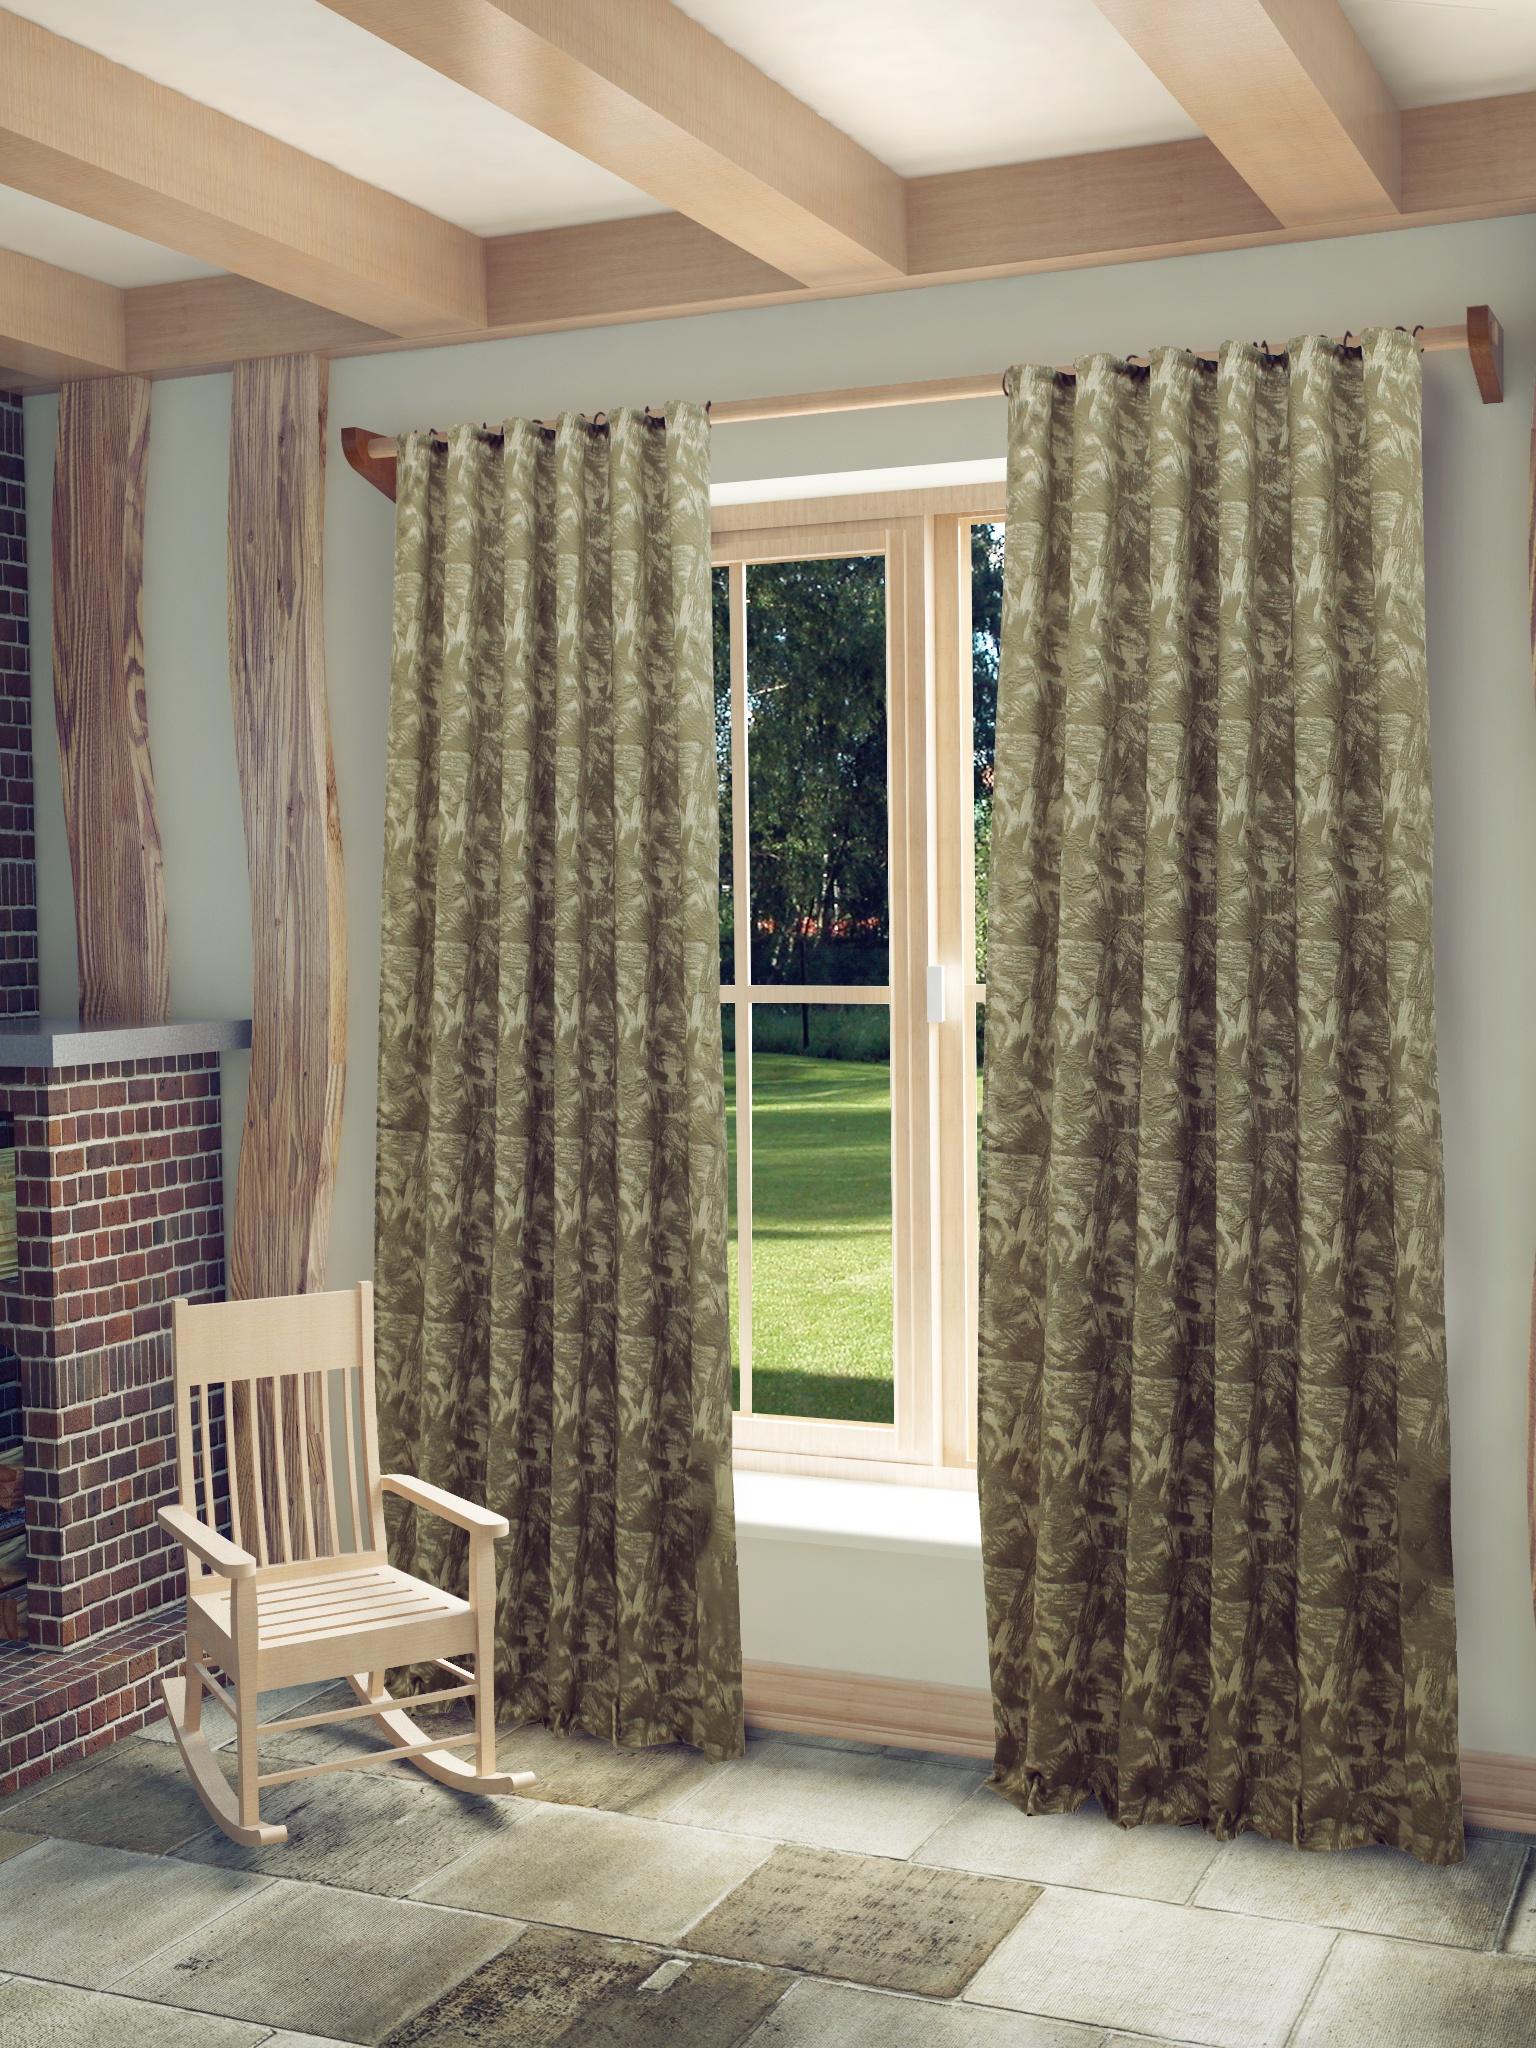 Штора Sanpa Home Collection HP3101/8/1E МИА светло-серый, 150*260 см, светло-серый шторы sanpa классические шторы миа цвет светло серый